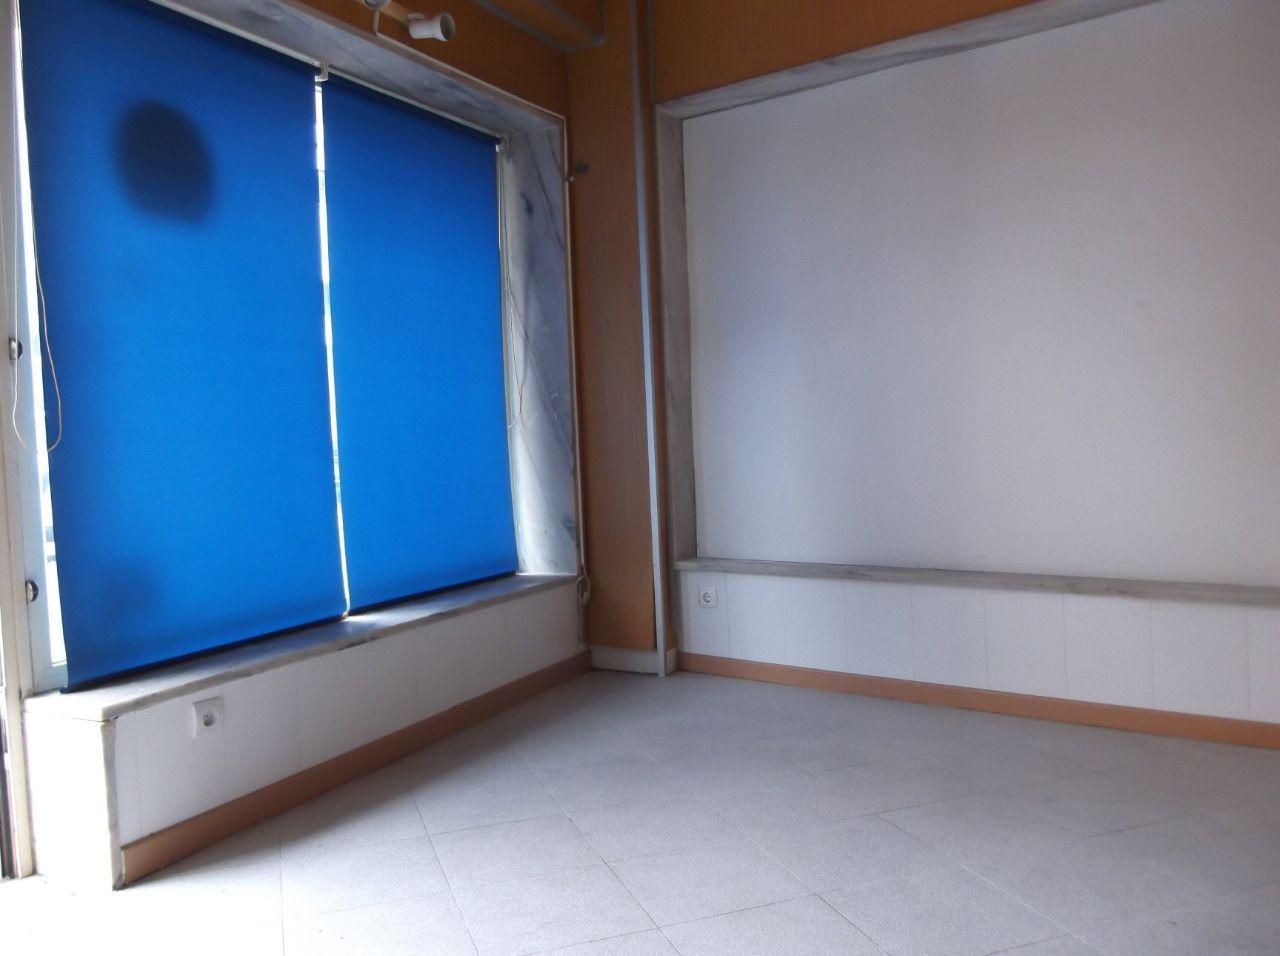 Loja para arrendamento no Barreiro- 320€